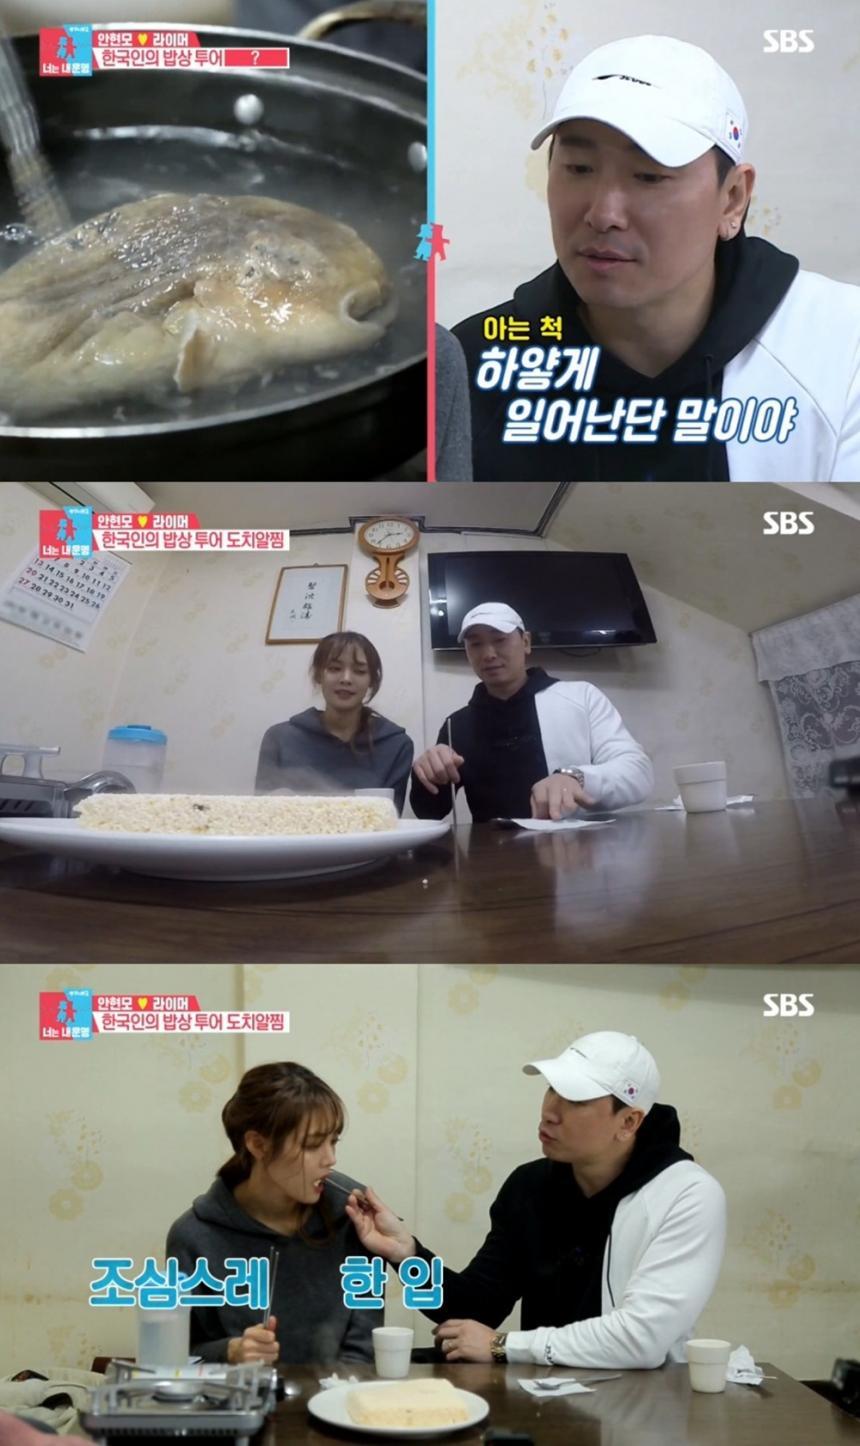 SBS '동상이몽2' 방송 캡처